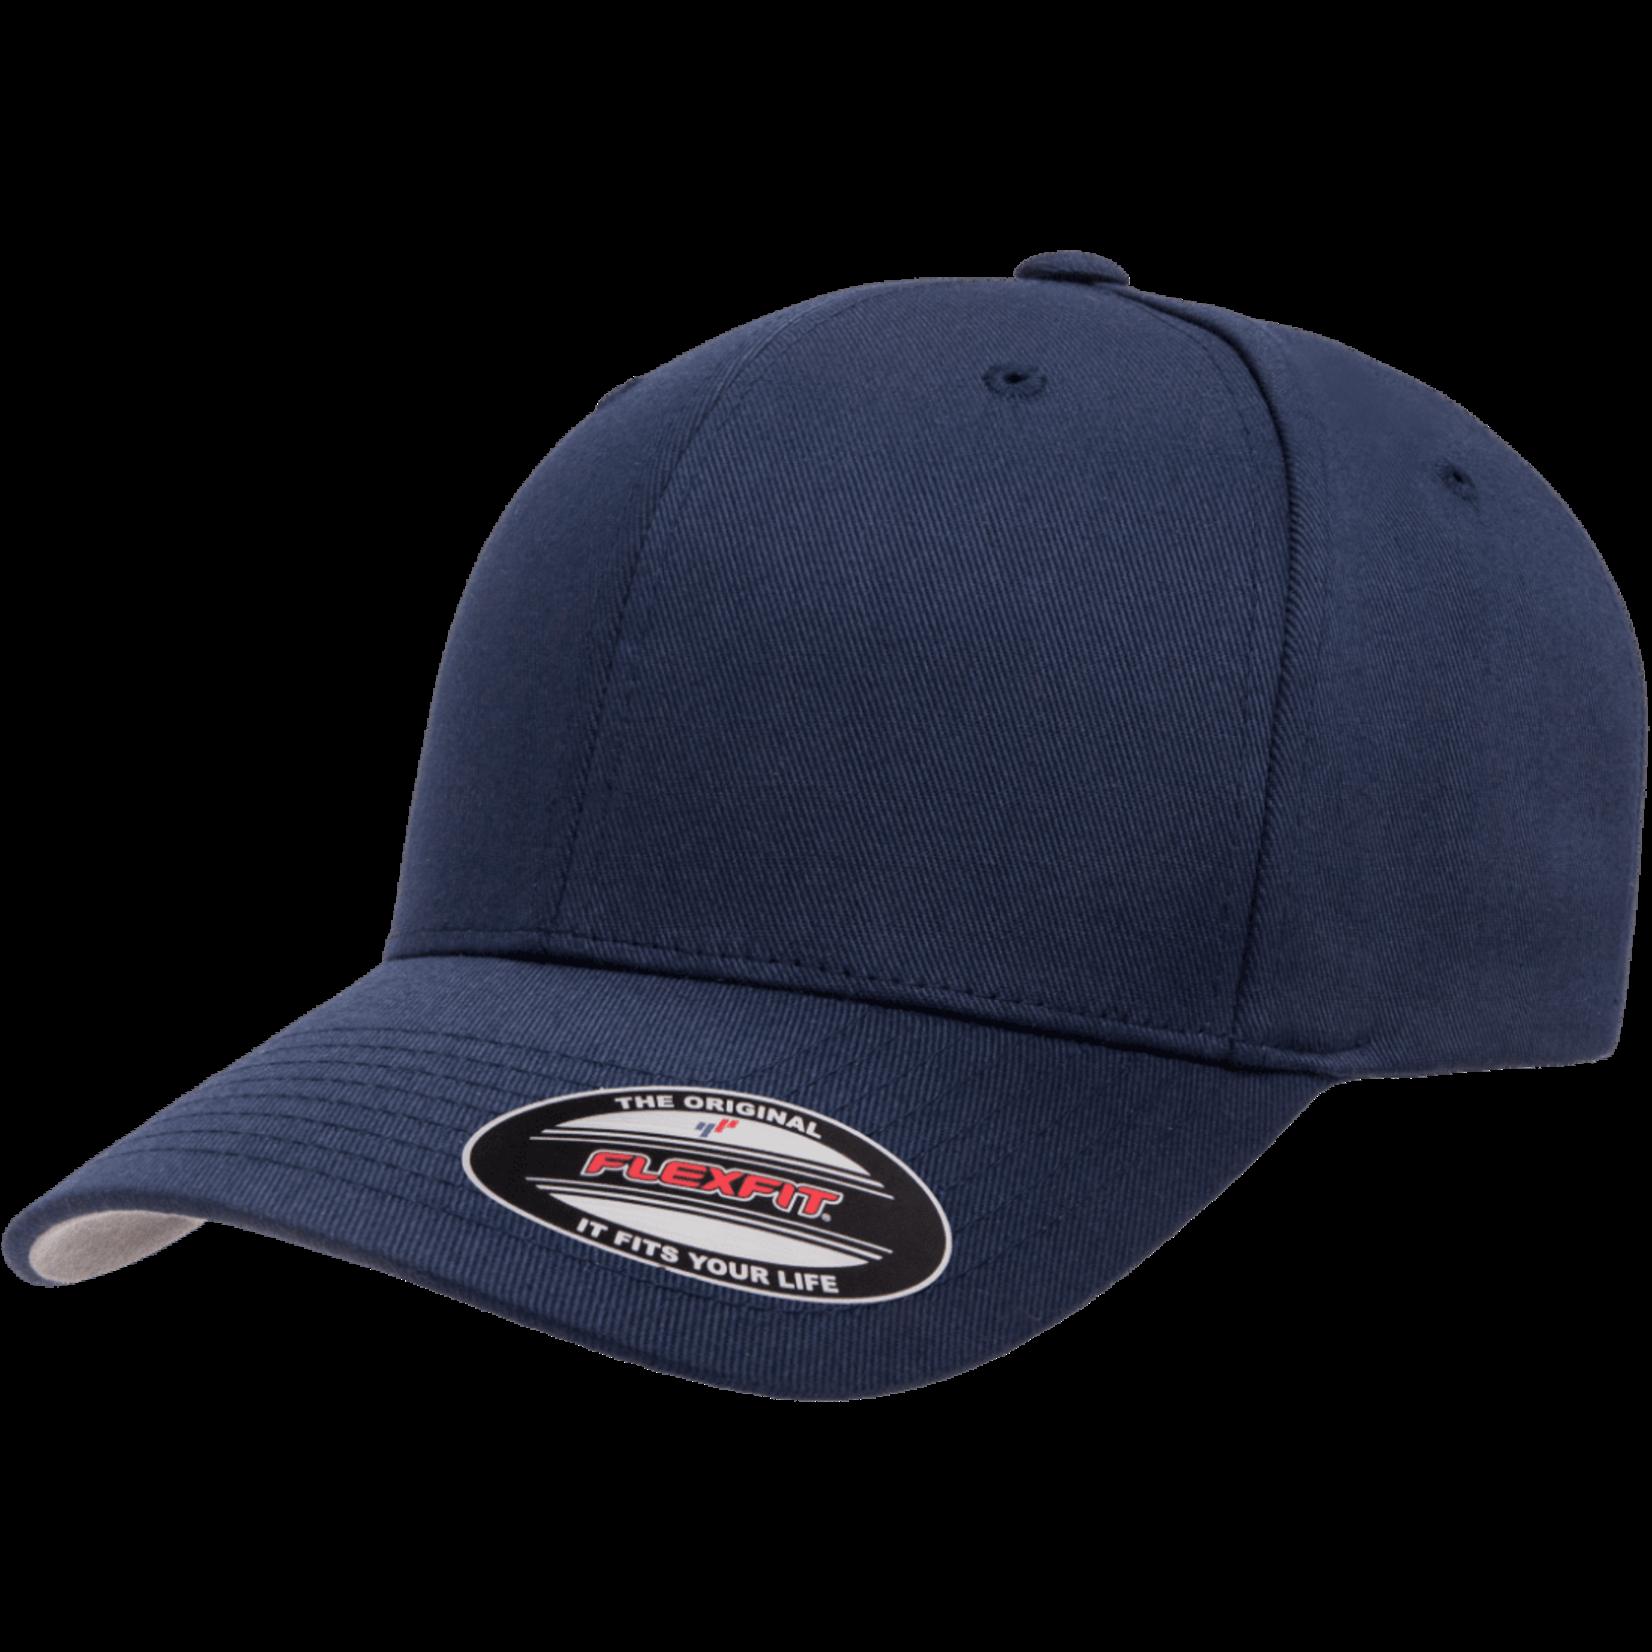 Flexfit Flexfit 6277 Classic Ballcap - Navy